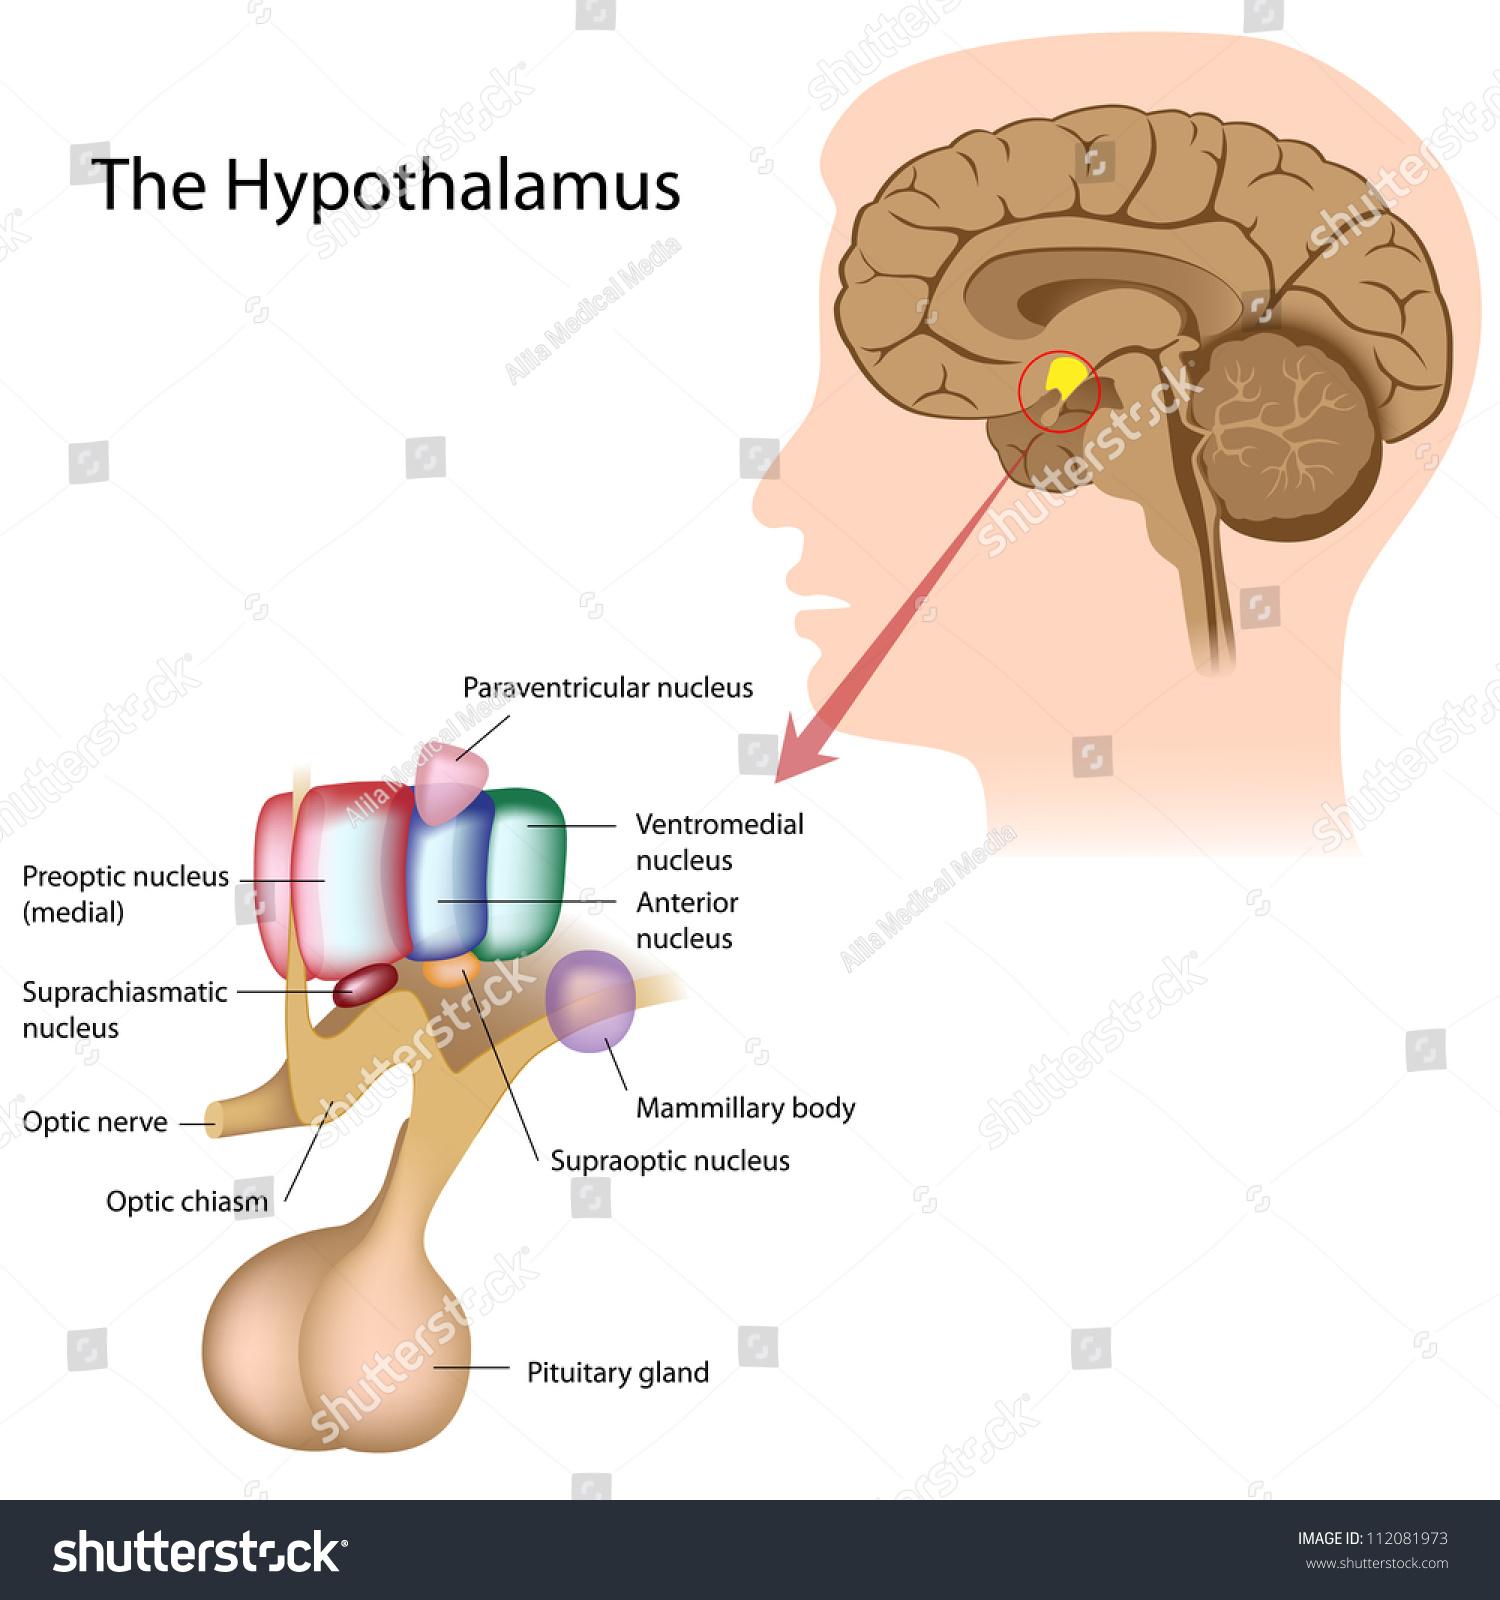 Nuclei Hypothalamus Stock Illustration 112081973 - Shutterstock